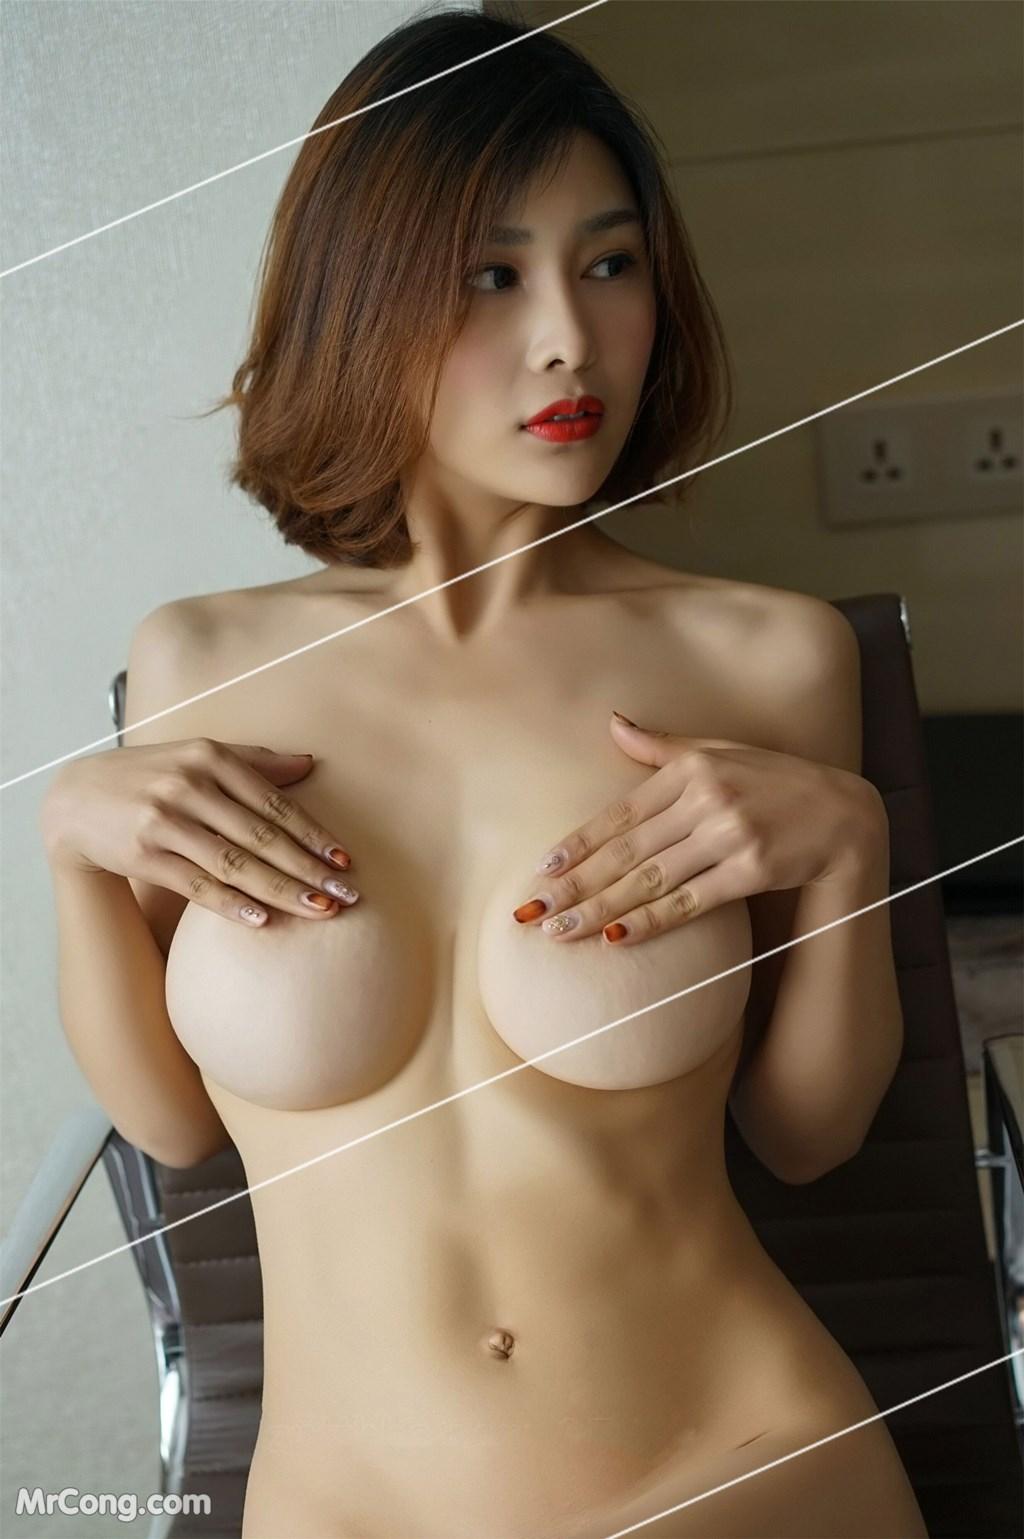 Image Yan-Pan-Pan-Part-3-MrCong.com-041 in post Ngắm vòng một siêu gợi cảm với nội y của người đẹp Yan Pan Pan (闫盼盼) (51 ảnh)